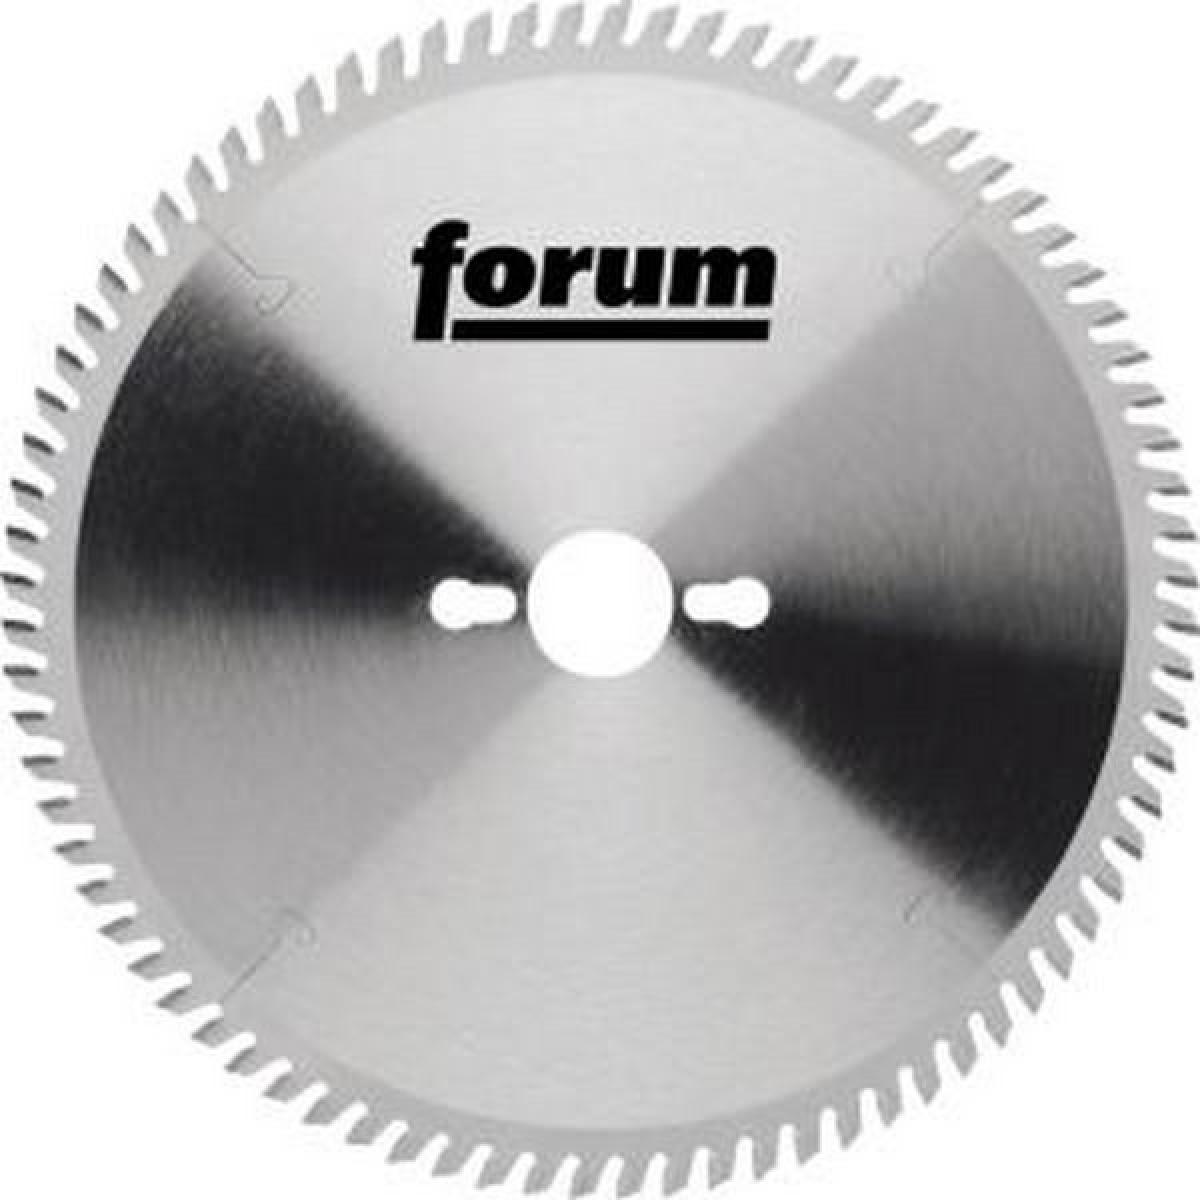 Forum Lame de scie circulaire, Ø : 160 mm, Larg. : 1,6 mm, Alésage 20 mm, Perçages secondaires : -, Dents : 36